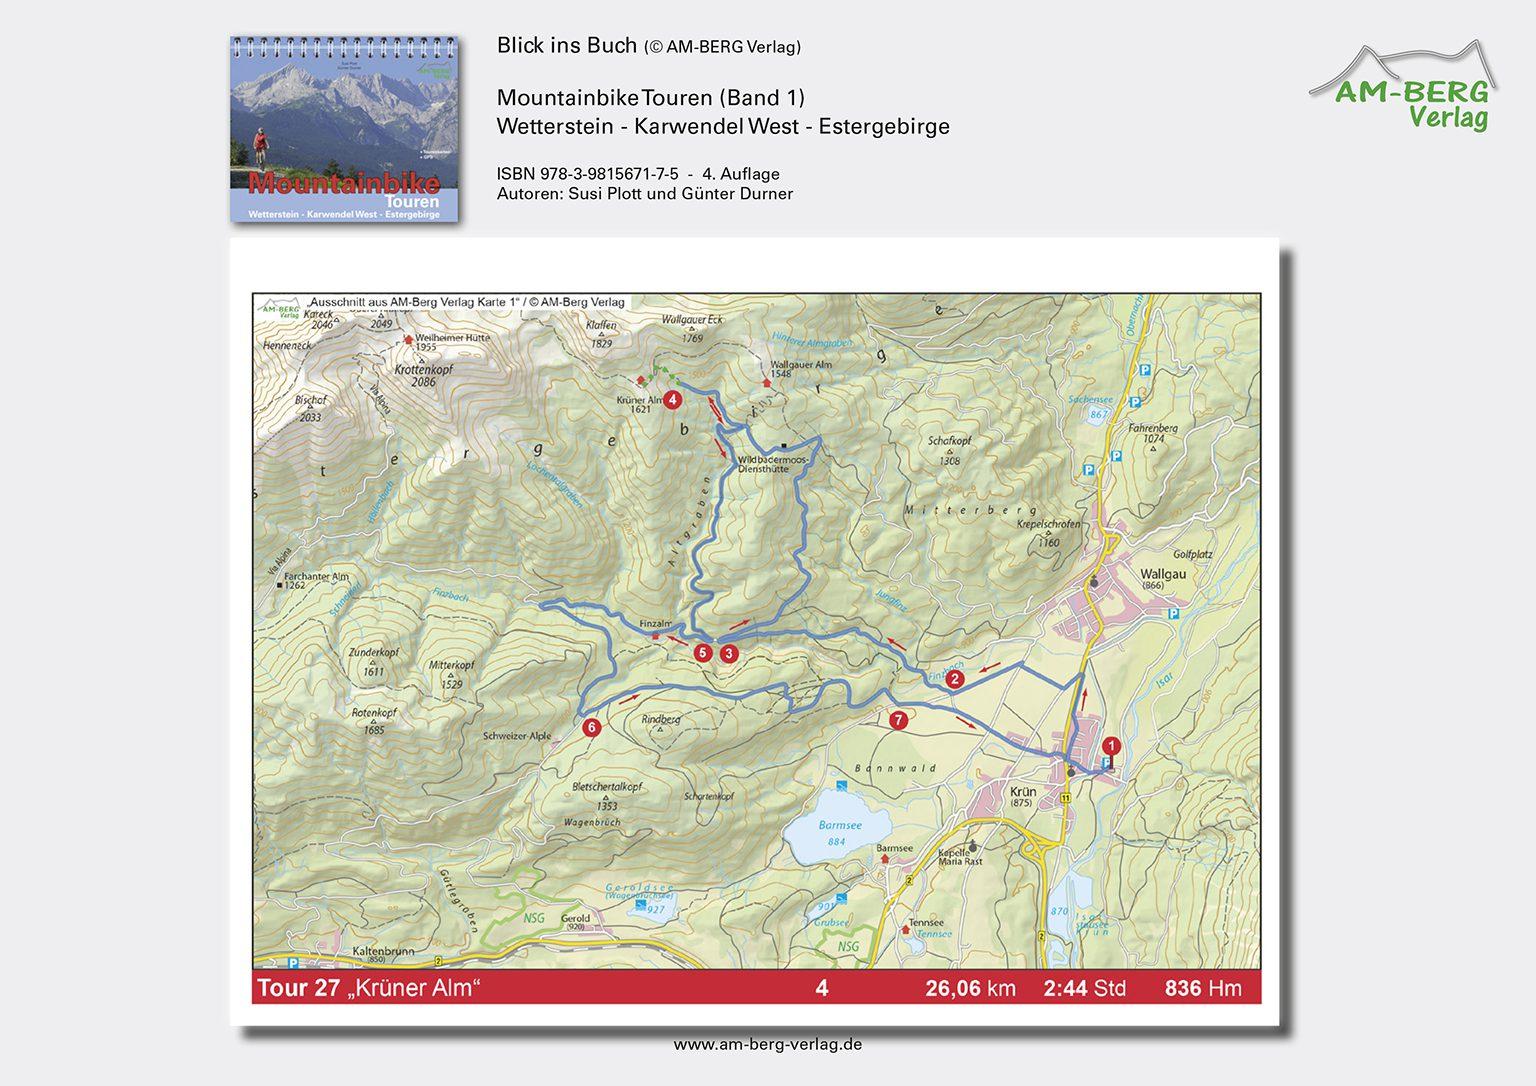 Mountainbike Touren Wetterstein-Karwendel-West-Estergebirge_band1_BlickinsBuch09_Krüner Alm